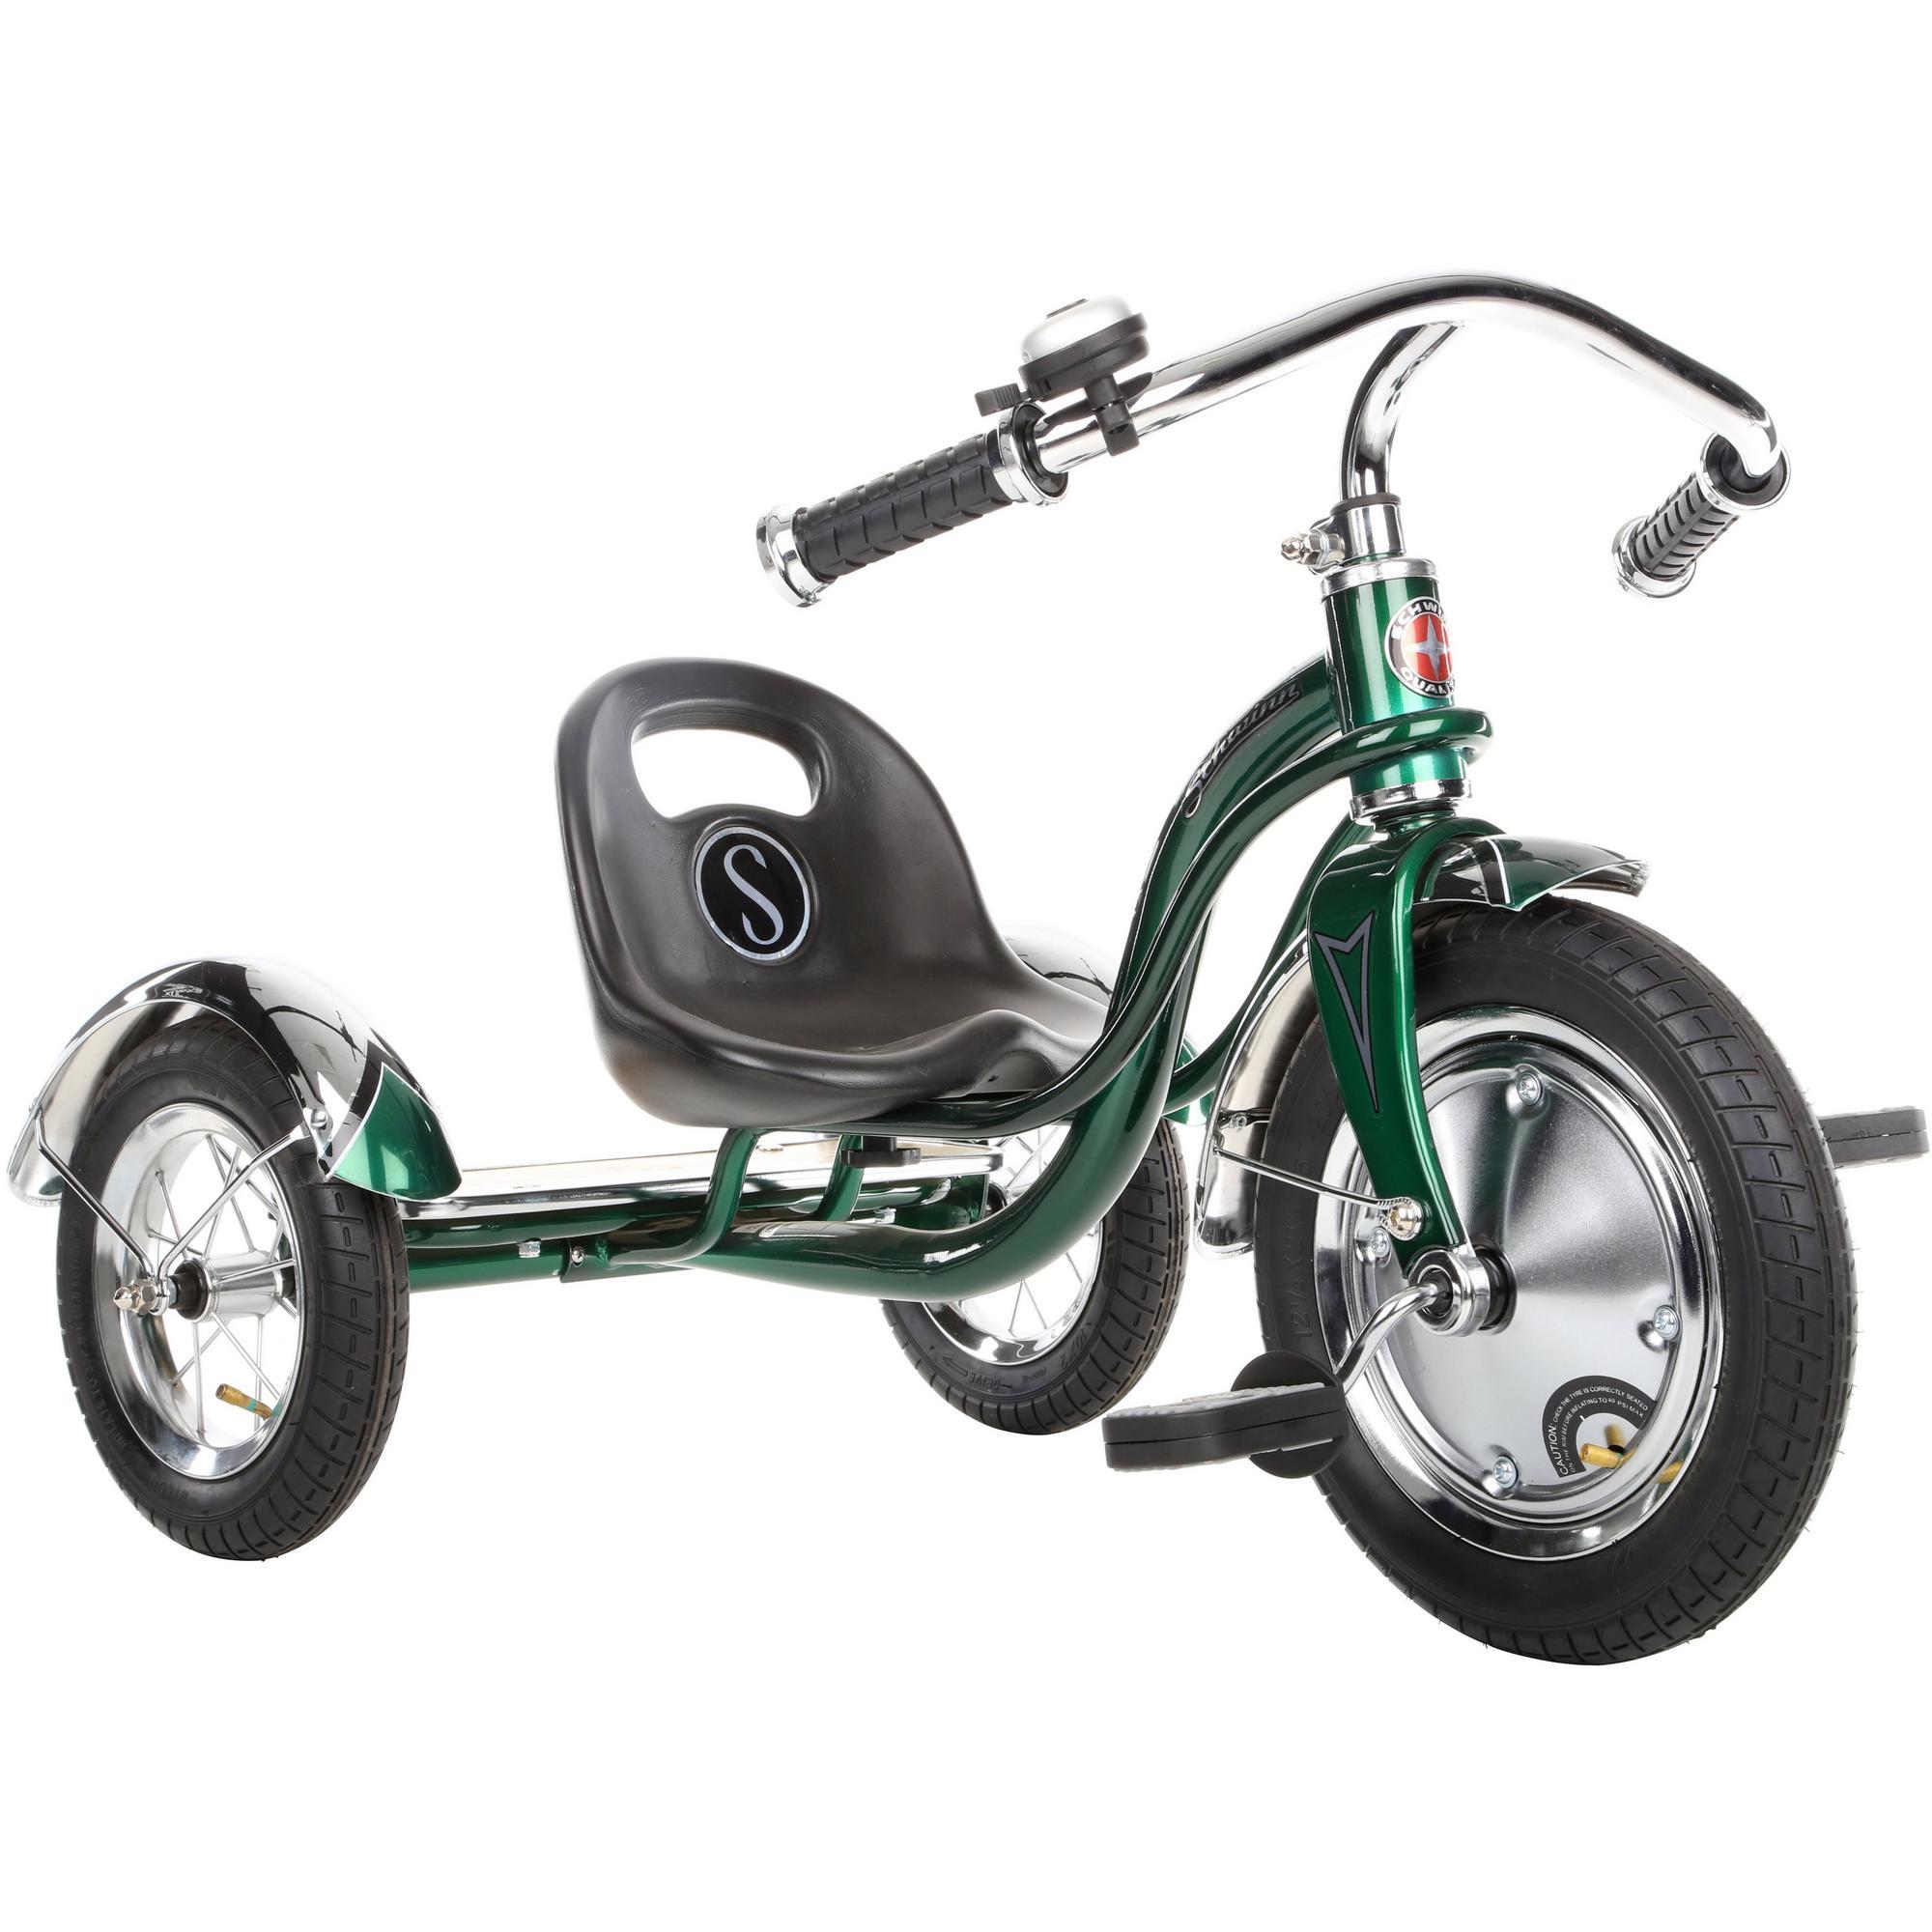 Schwinn Tricycle Parts : Schwinn kids children retro vintage roadster trike